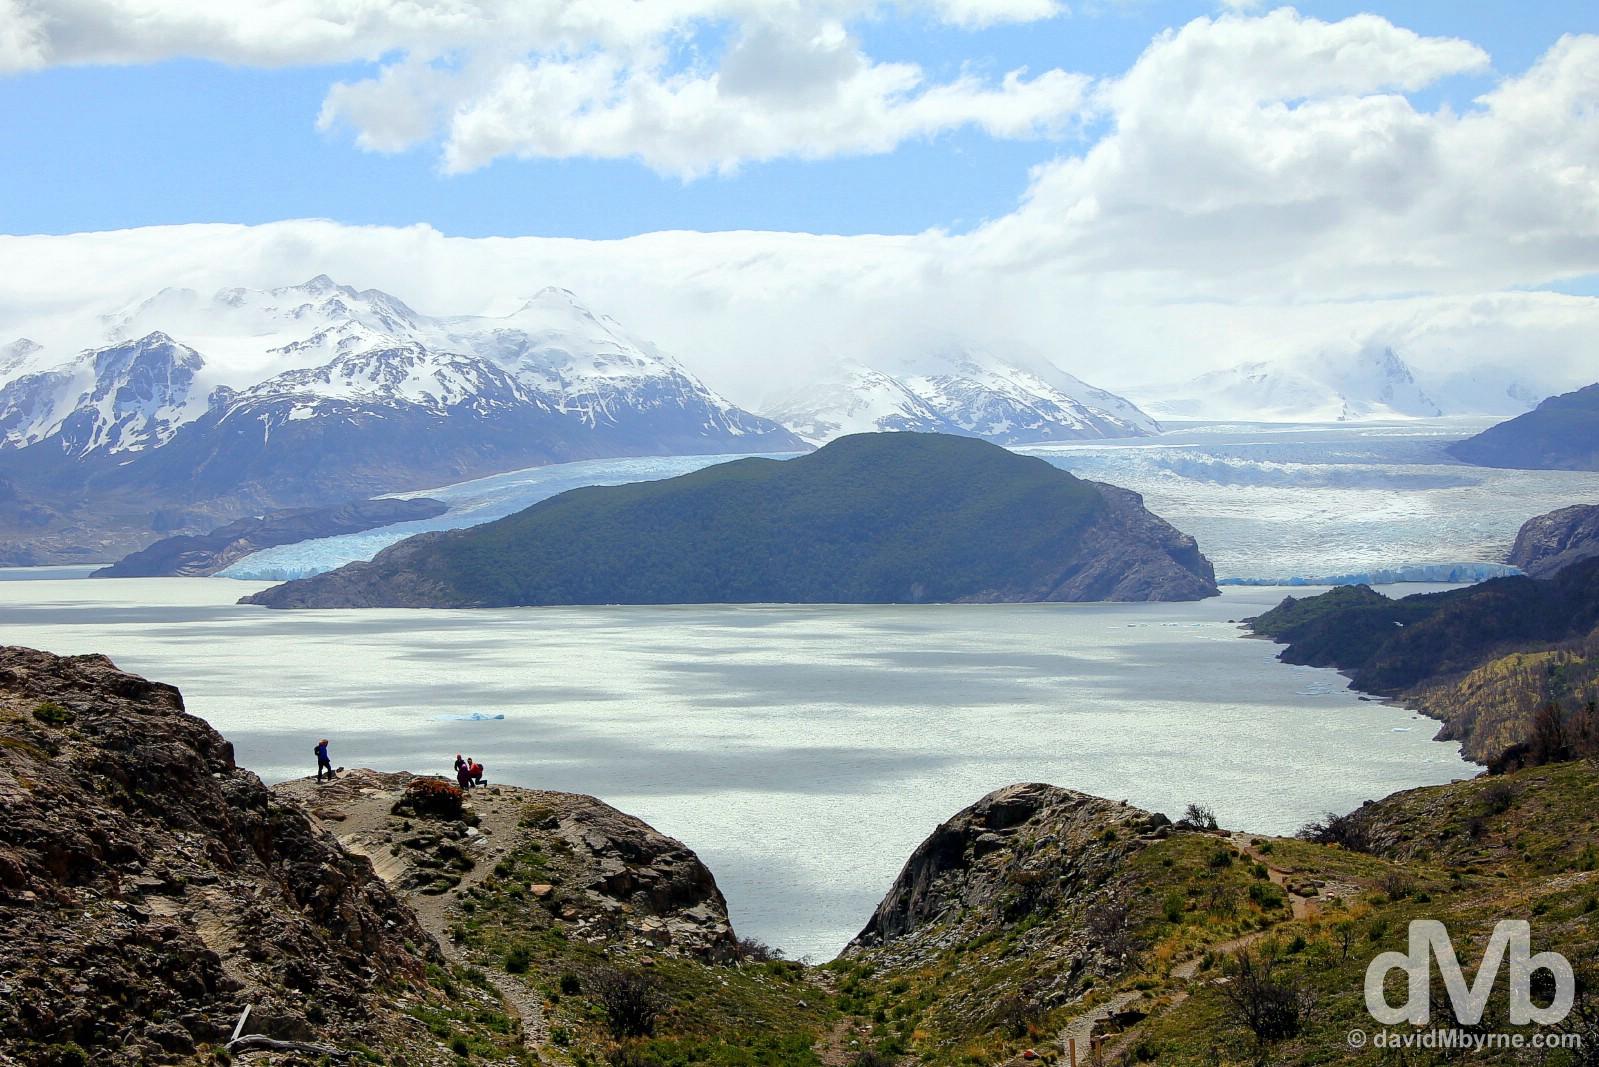 Lago (Lake) & Glaciar (Glacier) Grey in Torres del Paine National Park, Chile. November 21, 2015.